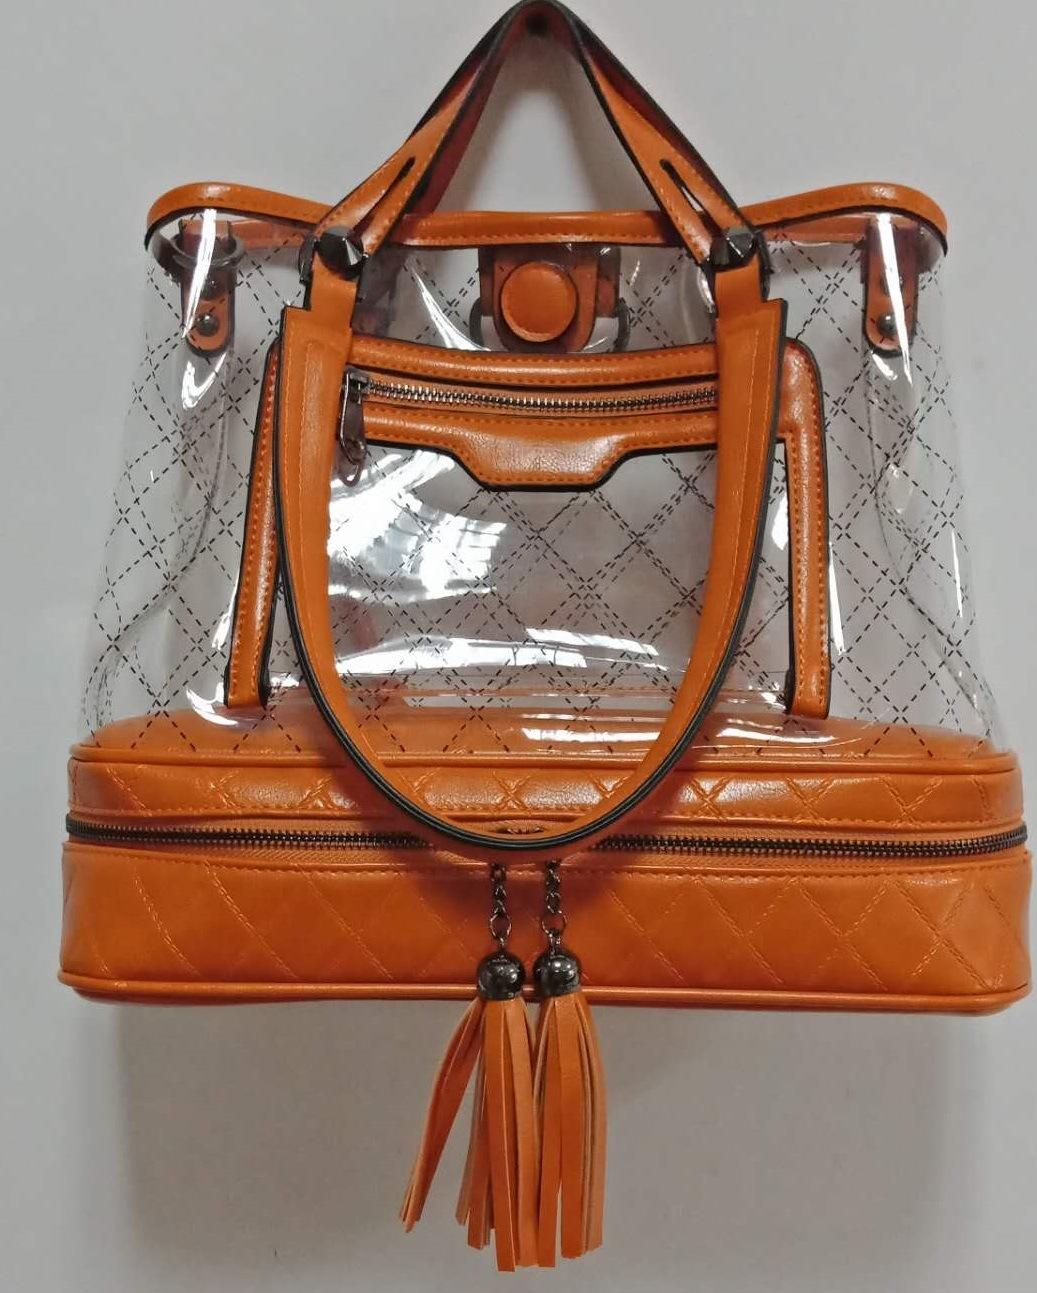 Lady Handbag Fashion Transparent Bag Tassel Ladies Handbag Lady Hand Bags High Quality Replica Handbag Women Bag Ladies Hand Bags (WDL01230)